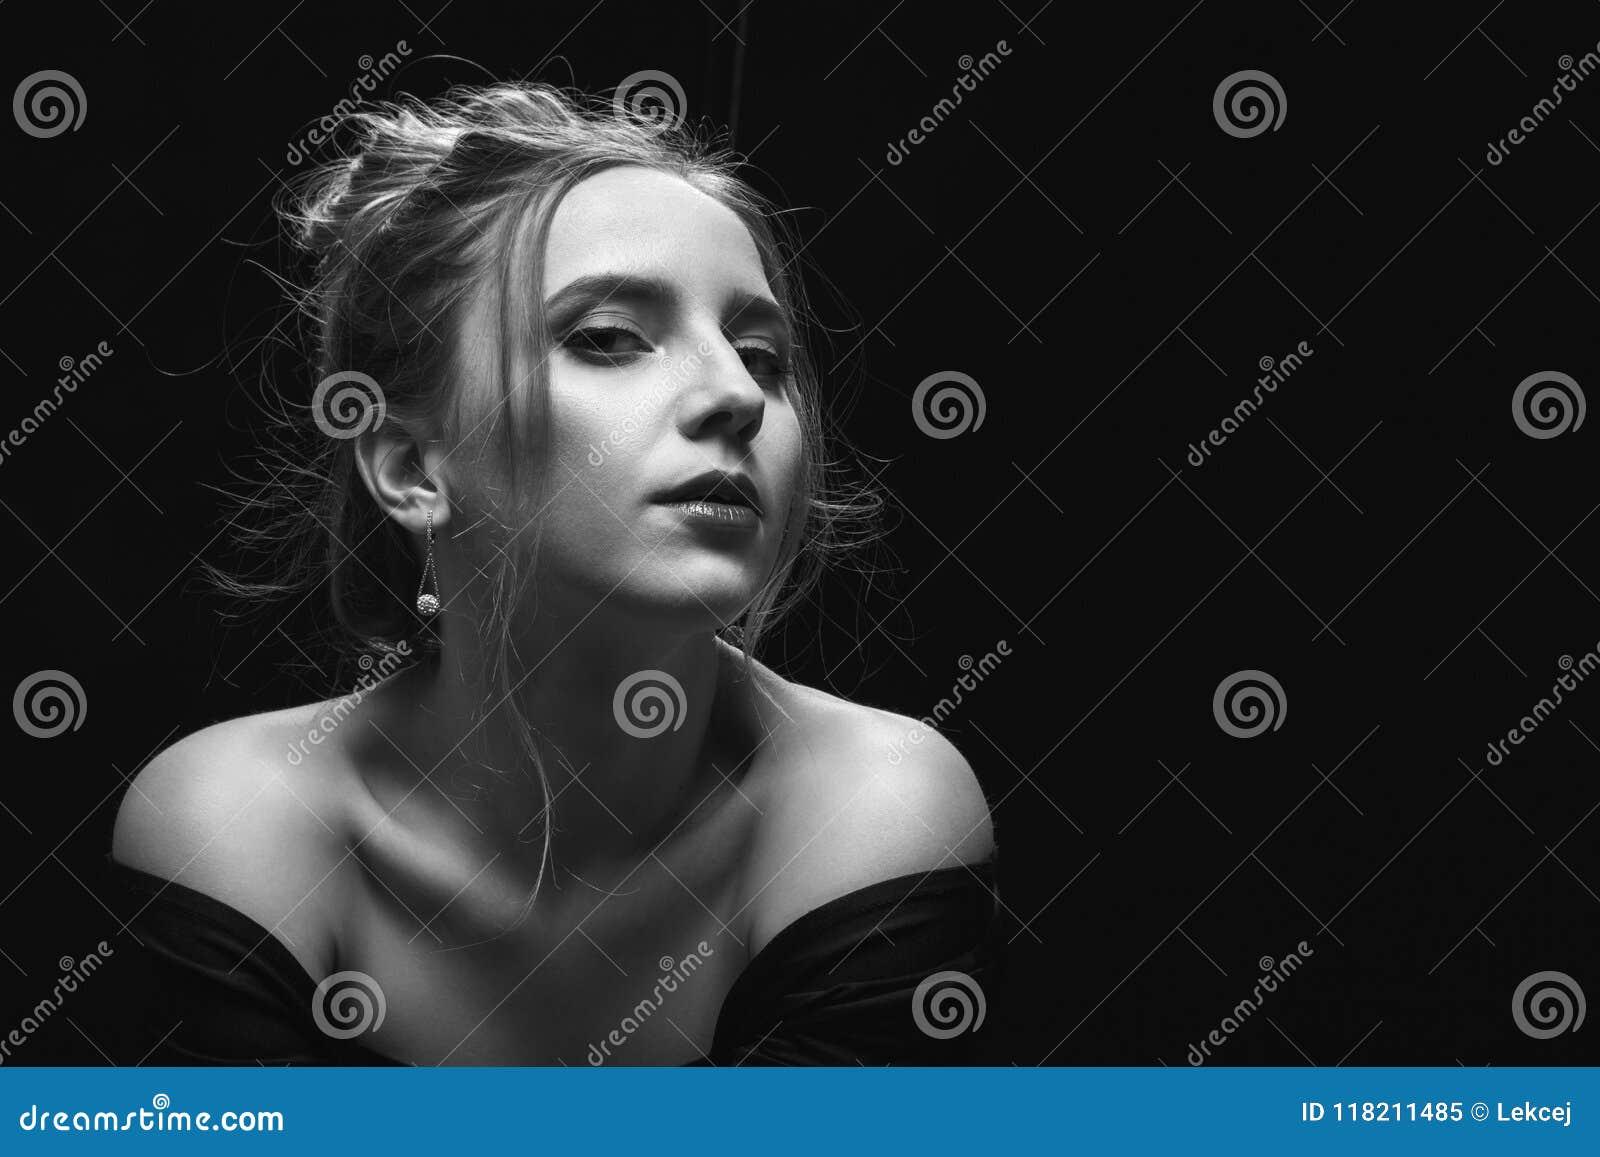 Sad pensive young